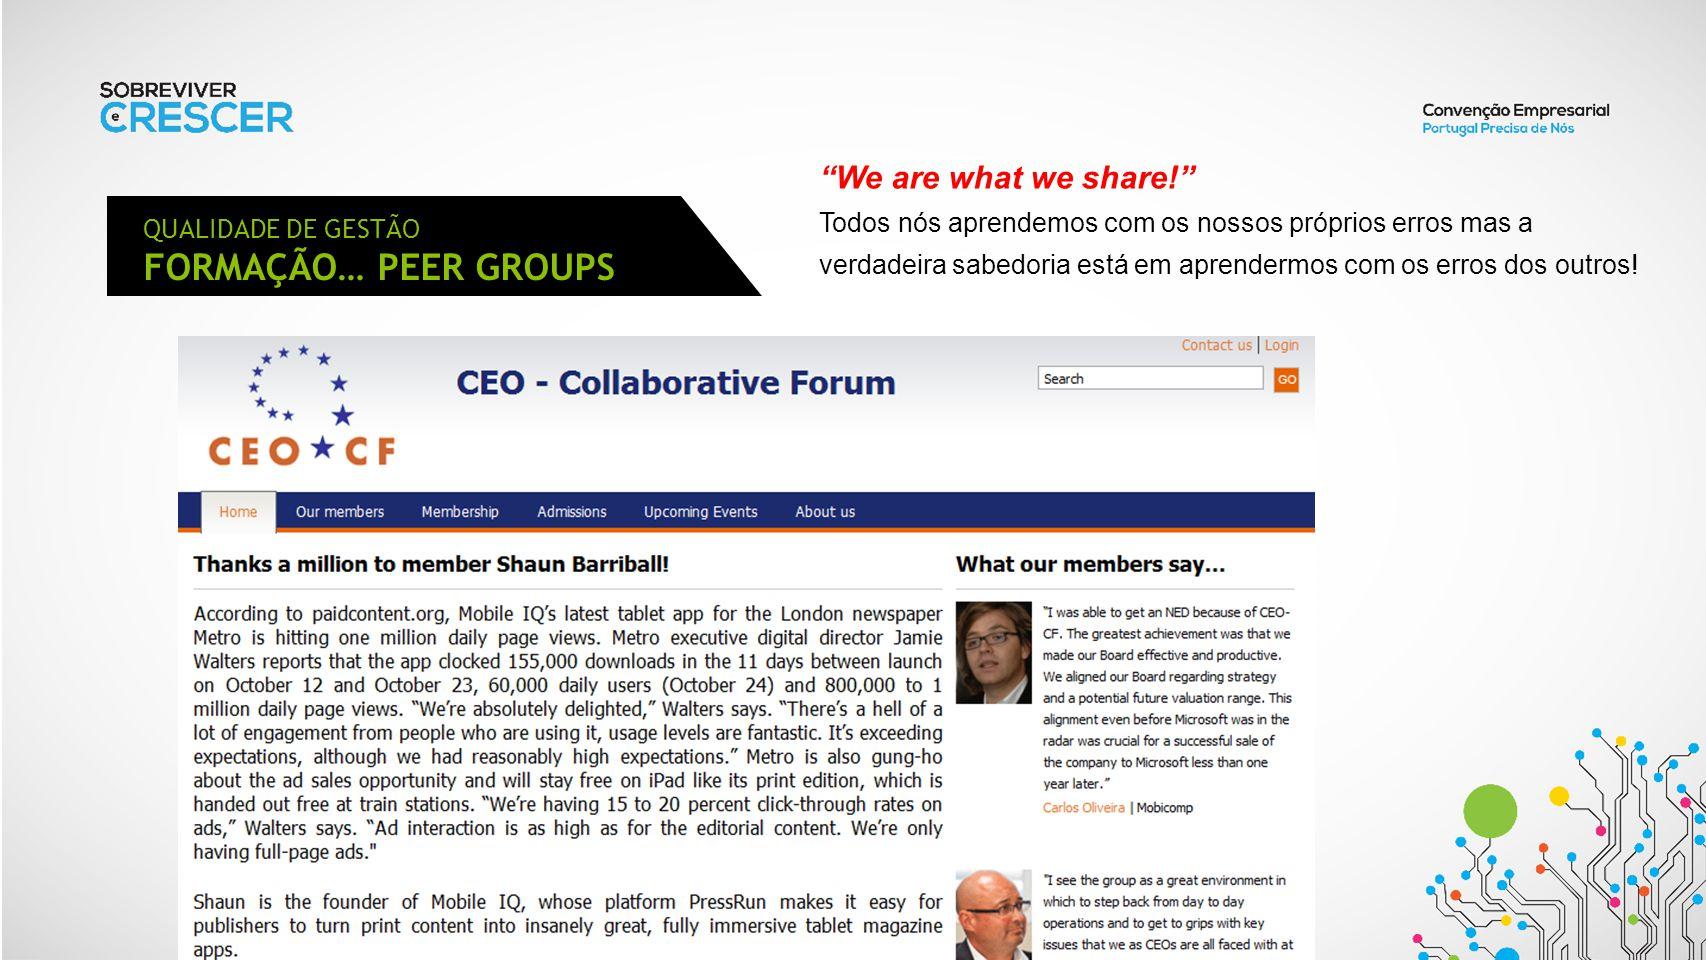 QUALIDADE DE GESTÃO FORMAÇÃO… PEER GROUPS We are what we share.